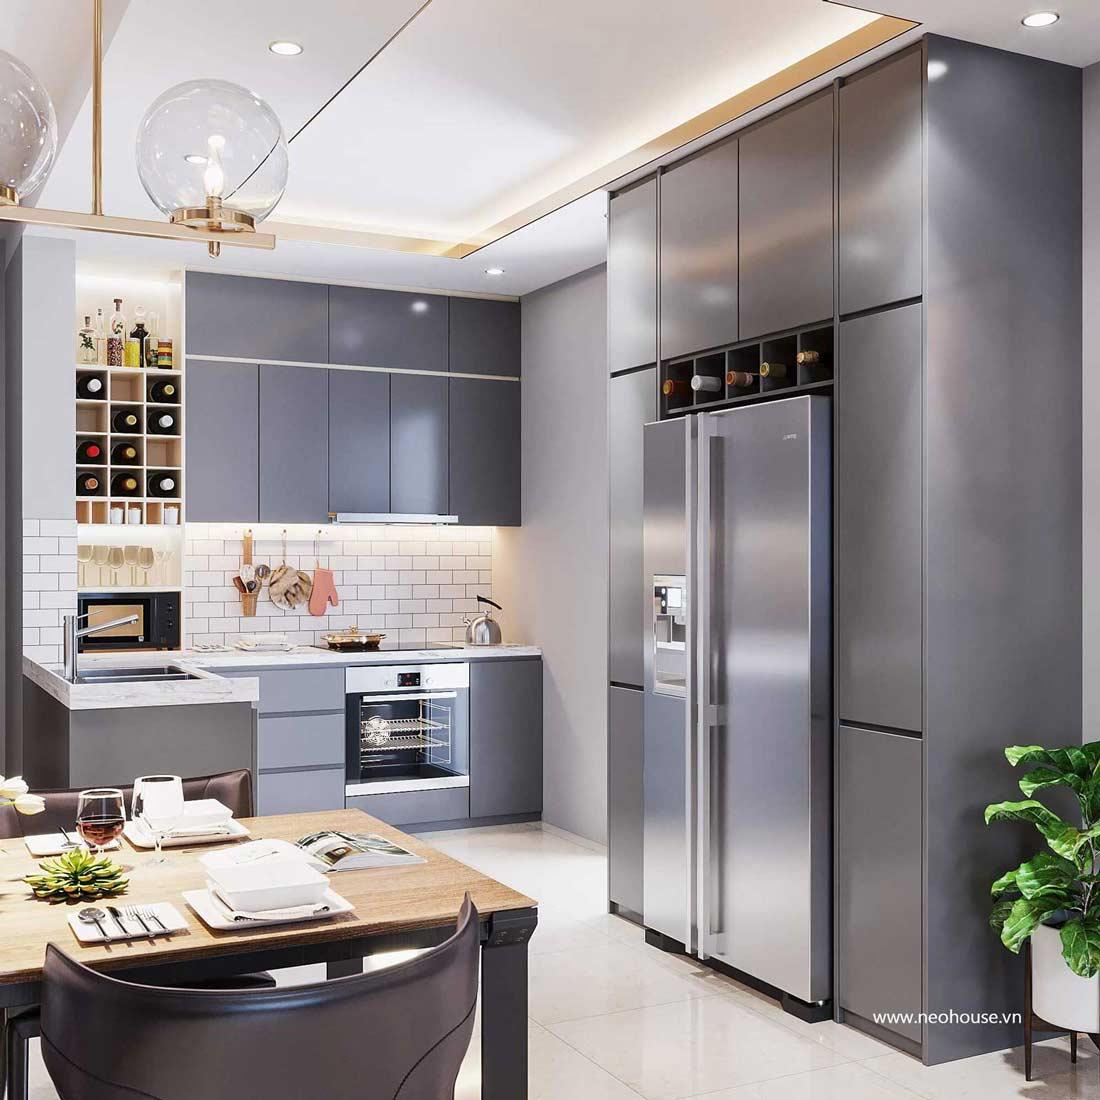 Thiết kế nhà bếp đẹp 2